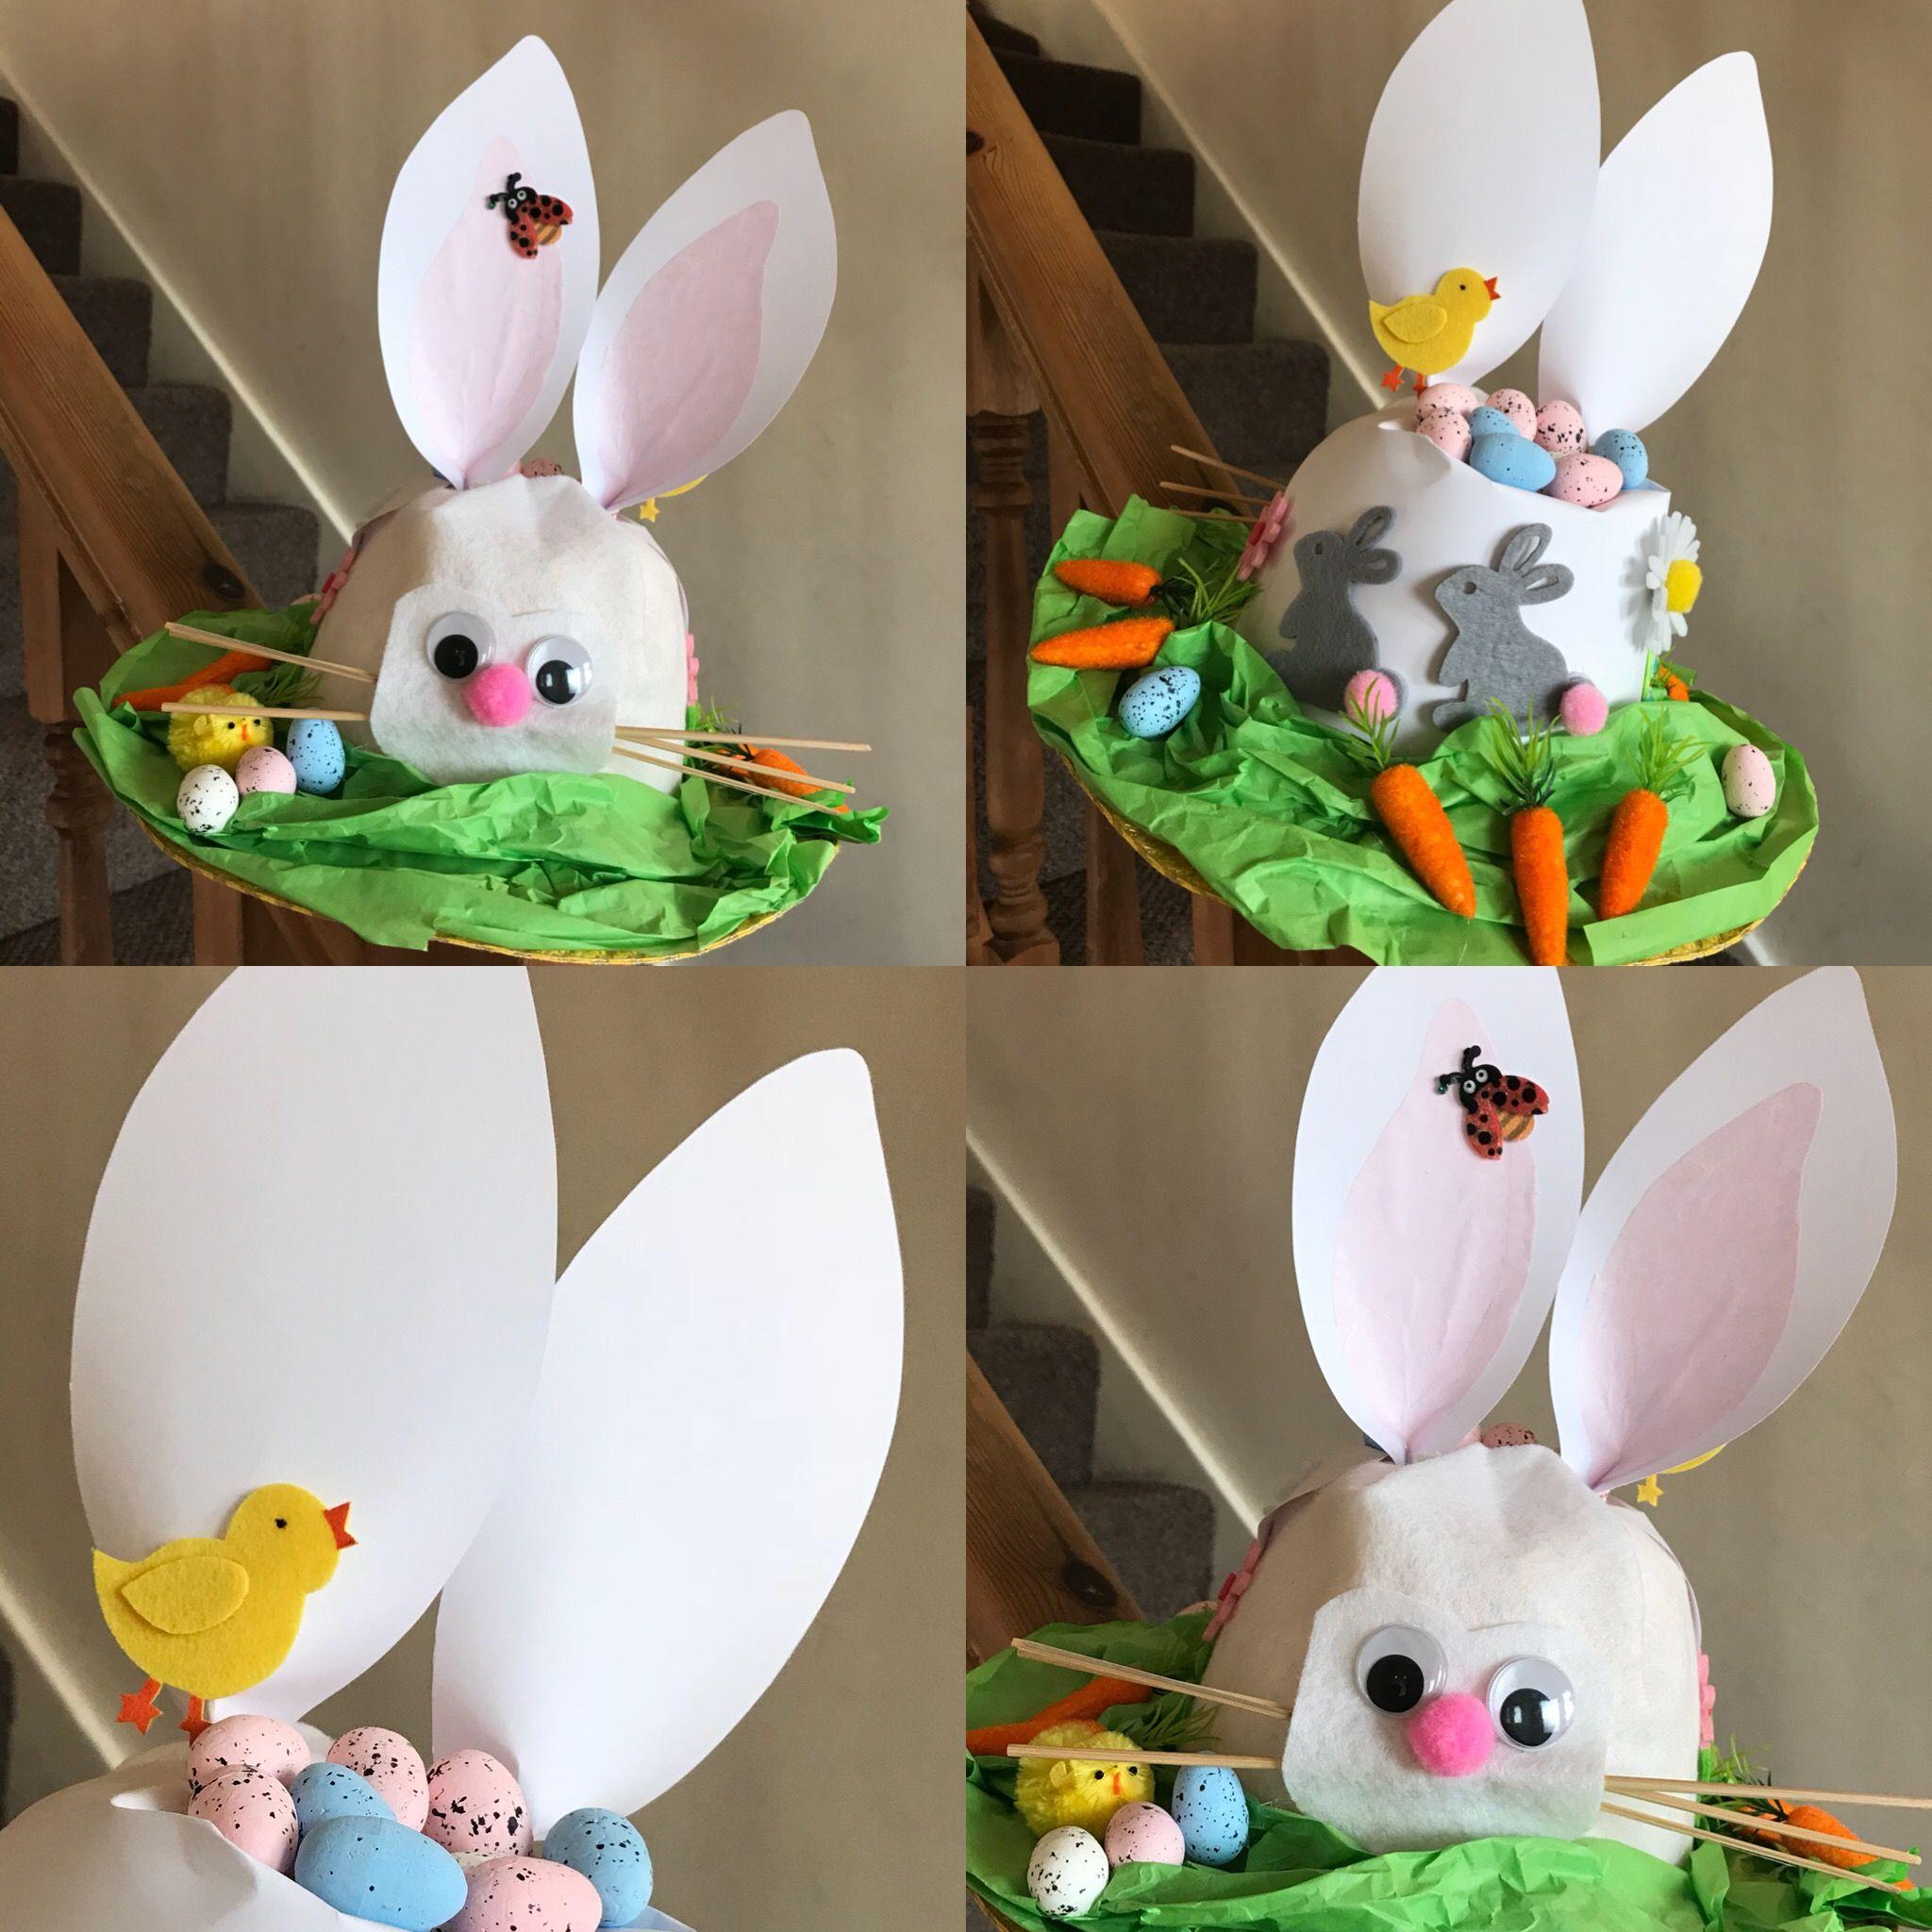 Set 2 Wooden Bunny Signs Easter Arts Craft Bonnet Decorations Egg Hunt